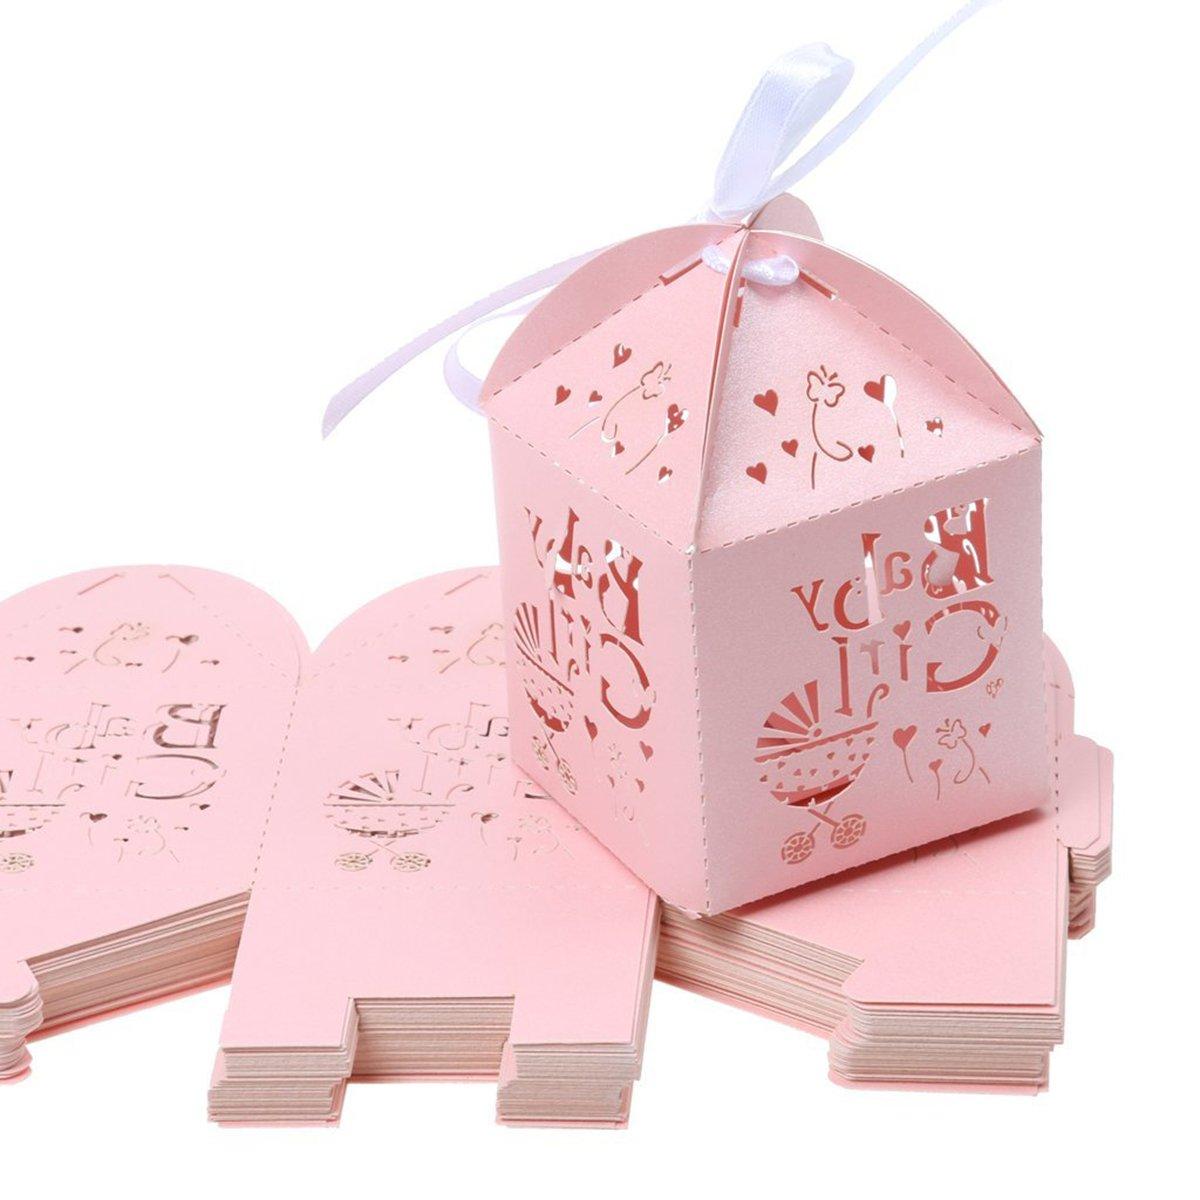 LEORX CANDY regalo scatole di favore matrimonio festa di nozze Decor, 50�pezzi (Rosa)